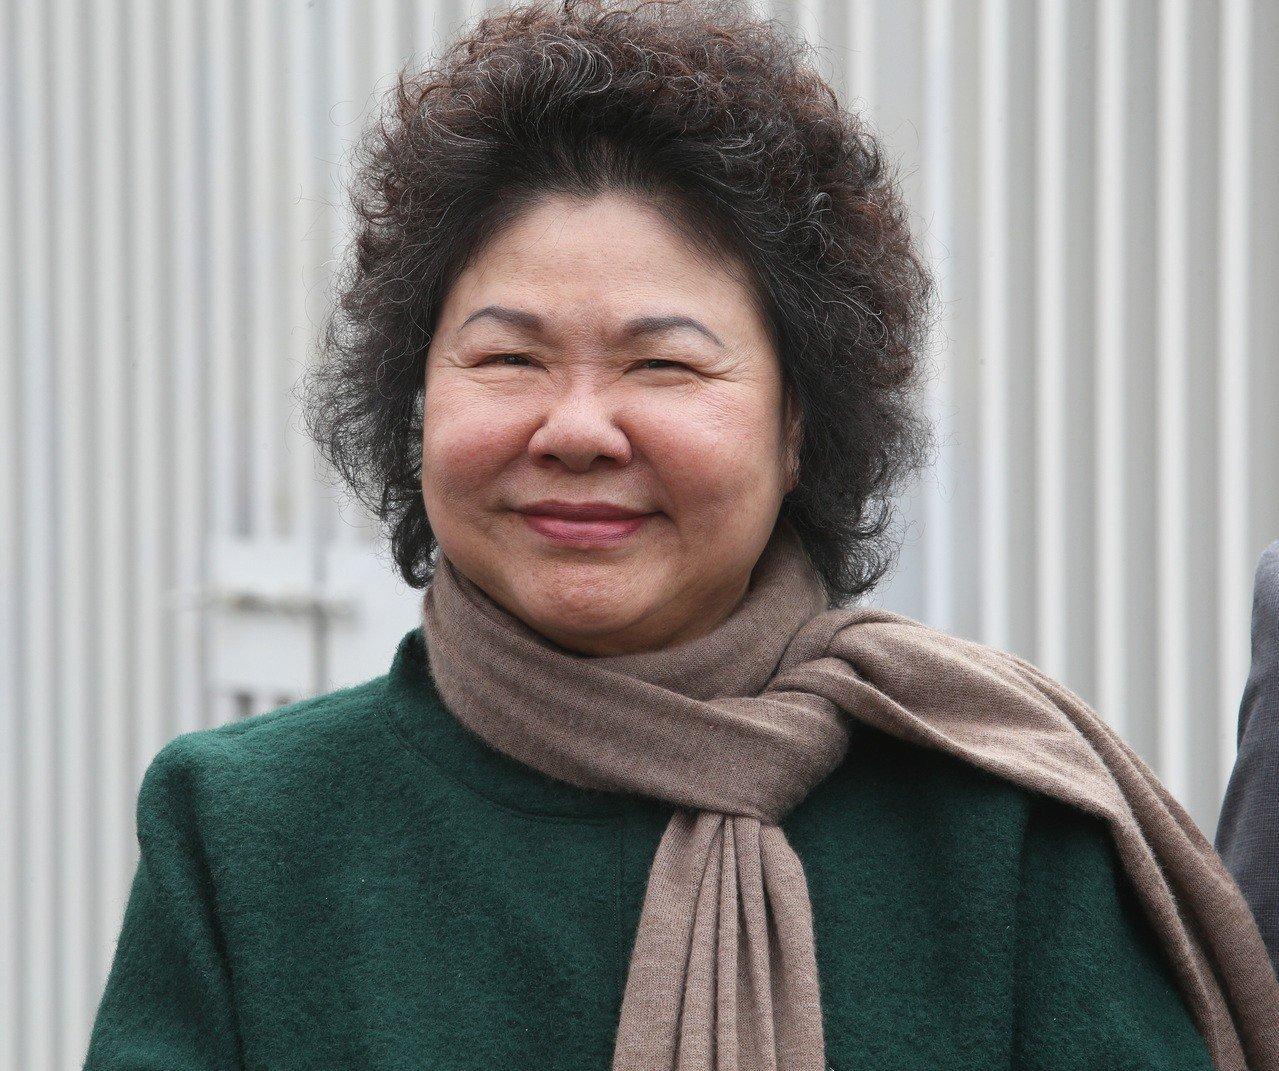 罢韩风波延烧 韩国瑜阵营:不排除公布帮陈菊收的烂摊子